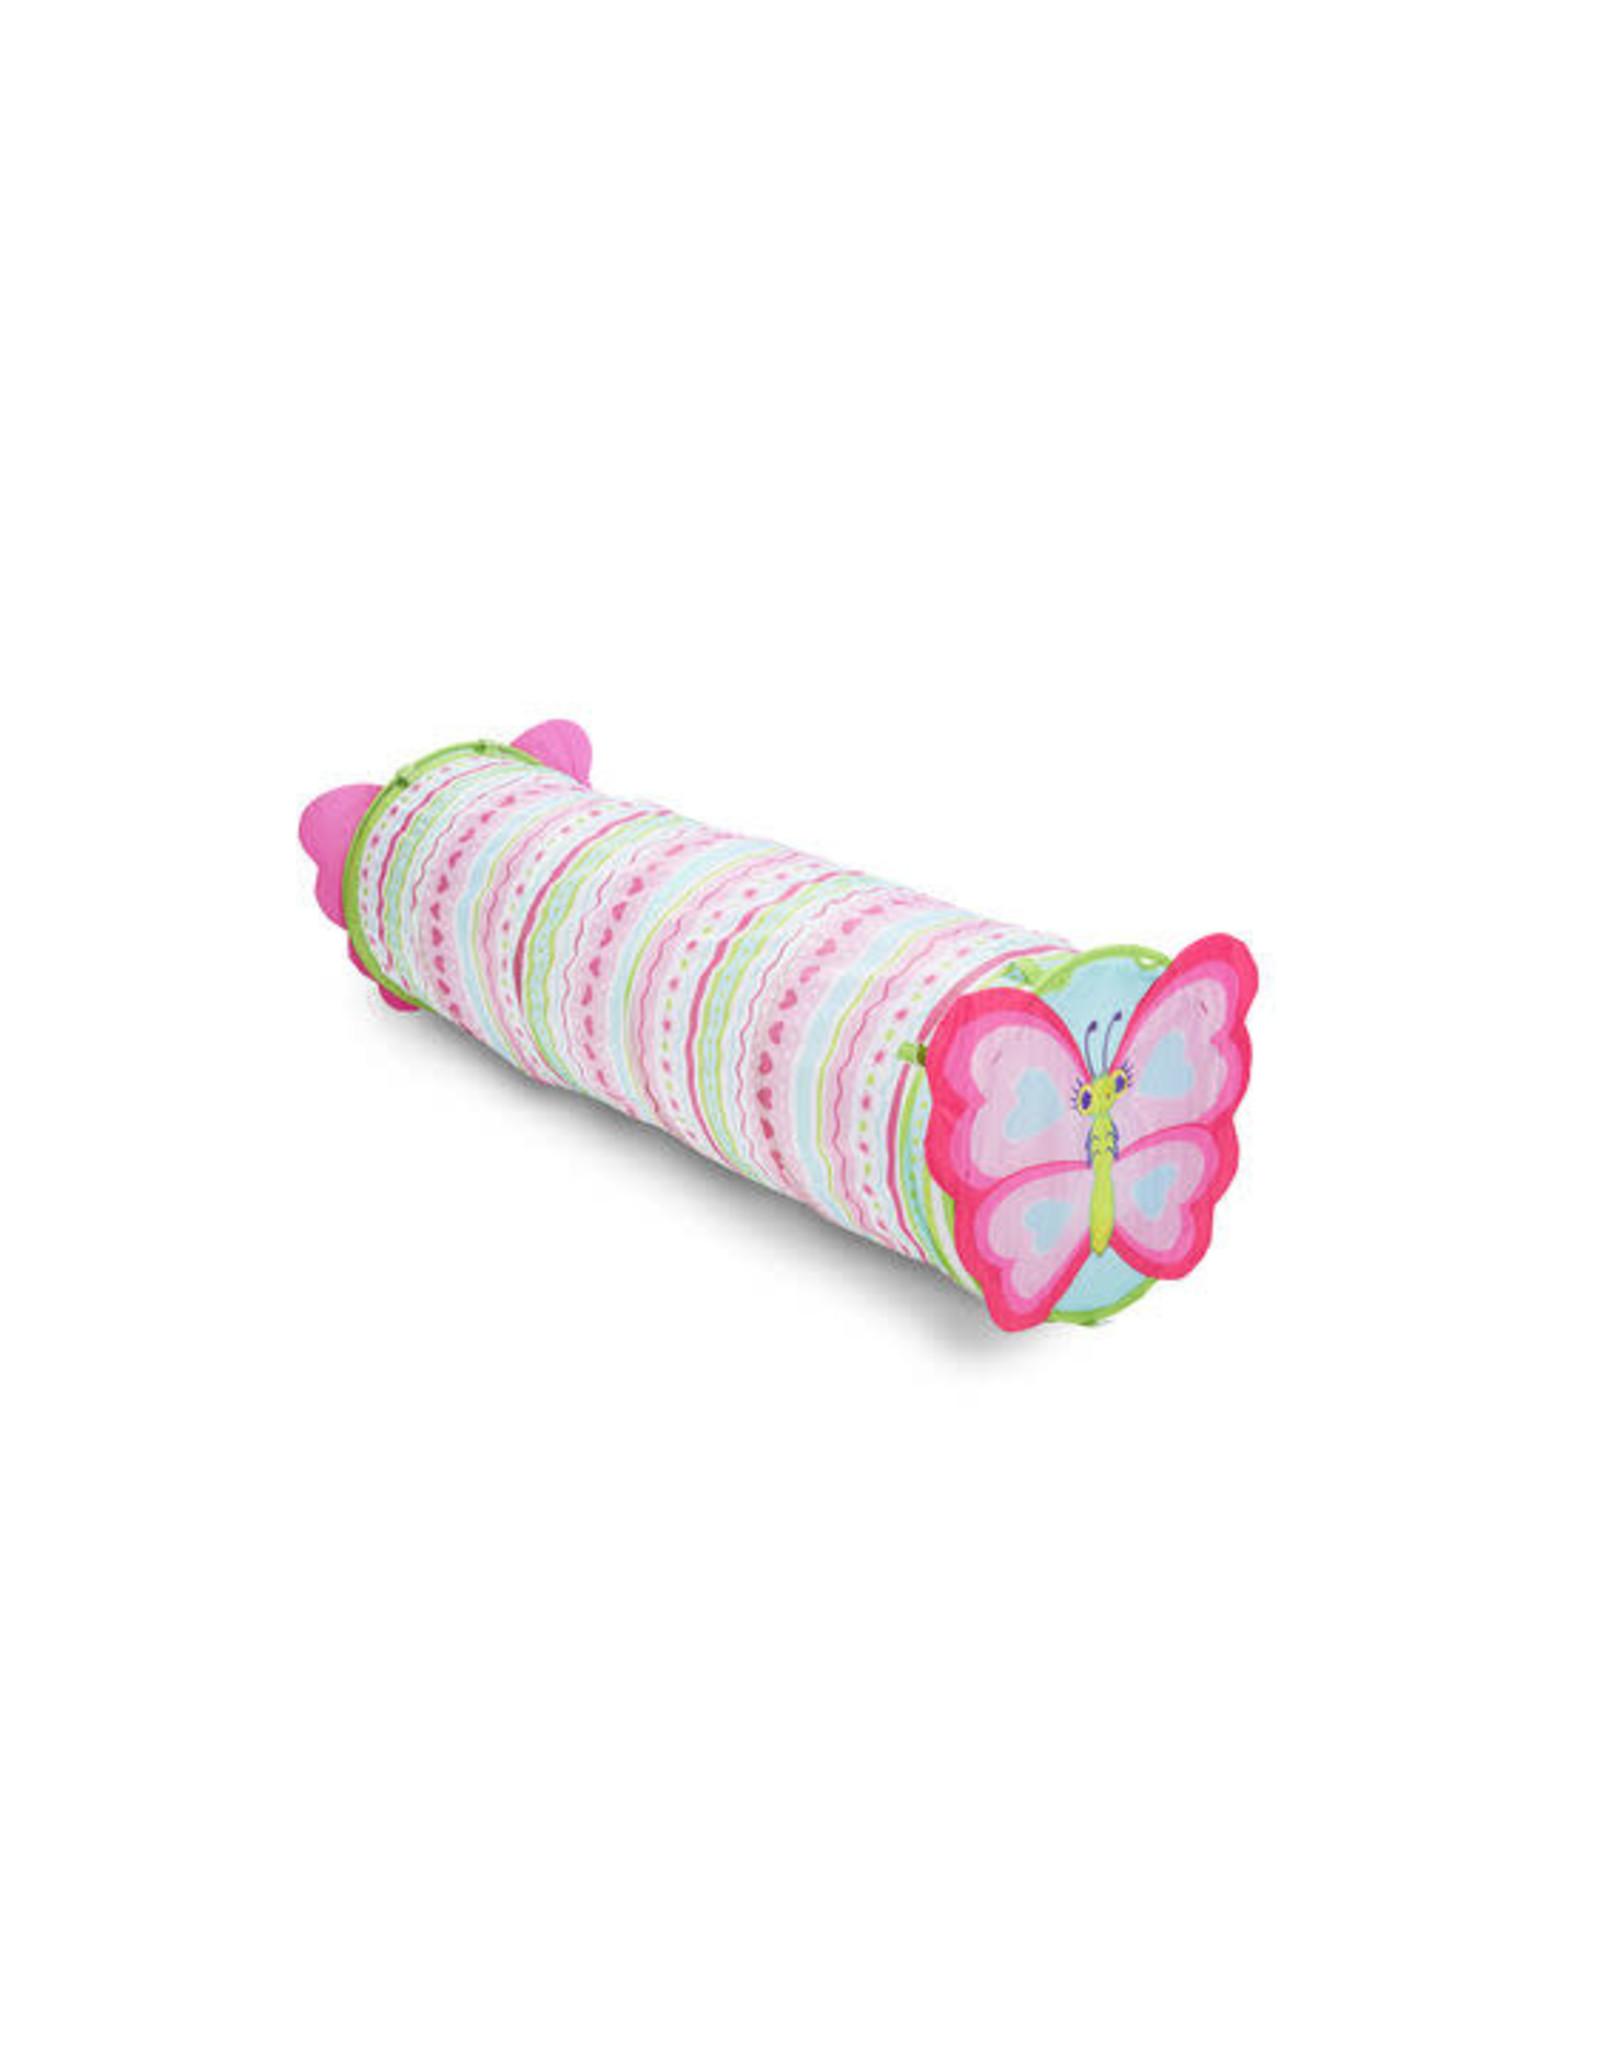 Cutie Pie Butterfly Tunnel